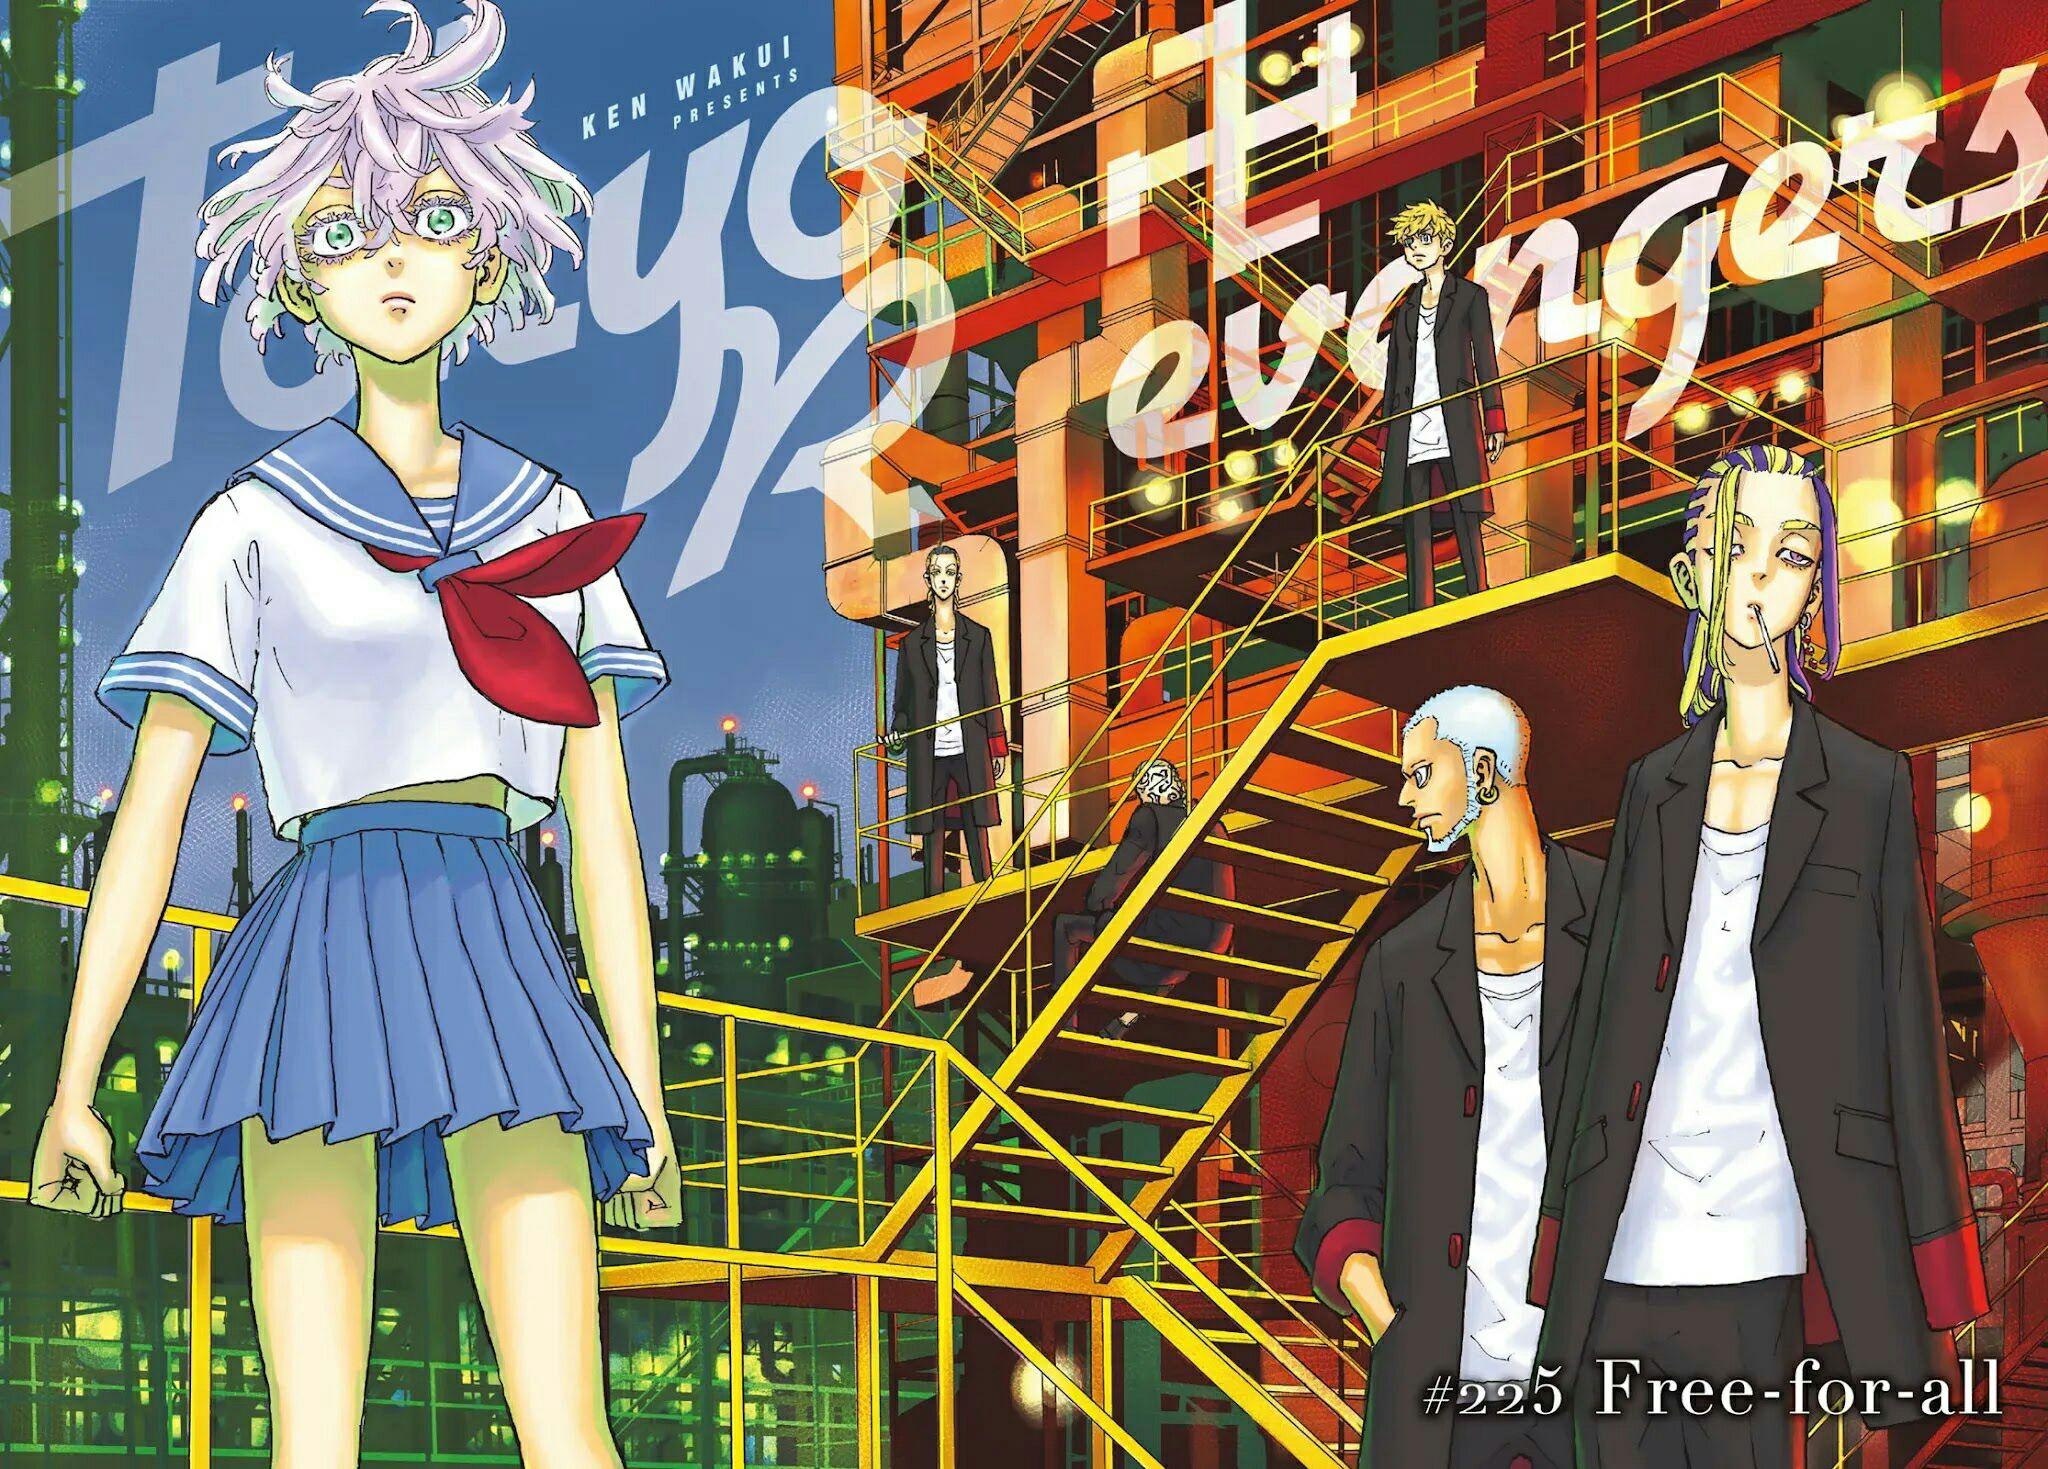 Tokyo Revengers Chapter 225